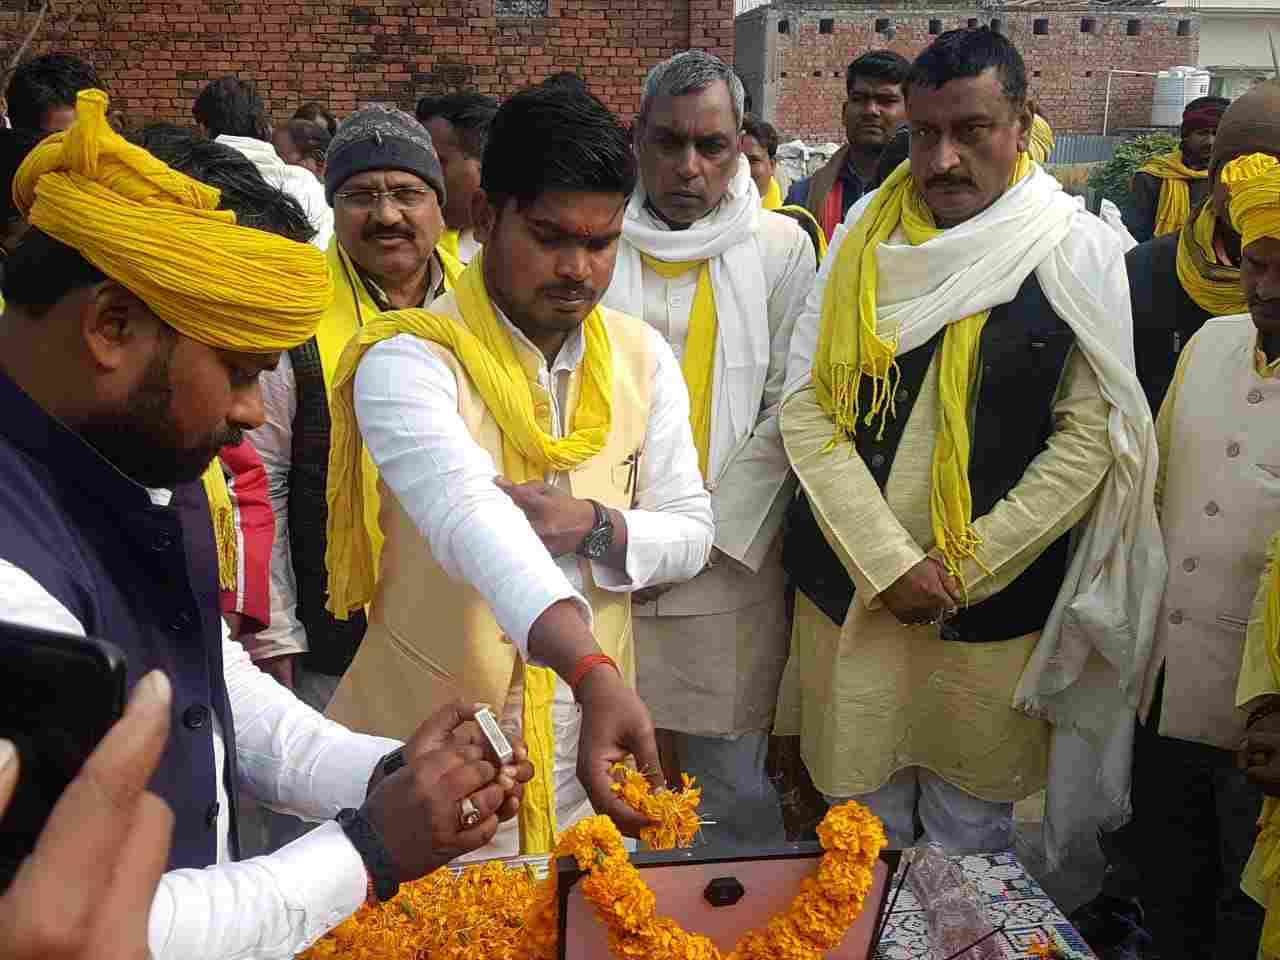 Siddharth%2BRajbhar%2Bv मा. ओमप्रकाश राजभर ने शंकर राजभर को उनके आवास पर श्रद्धांजलि अर्पित किए।